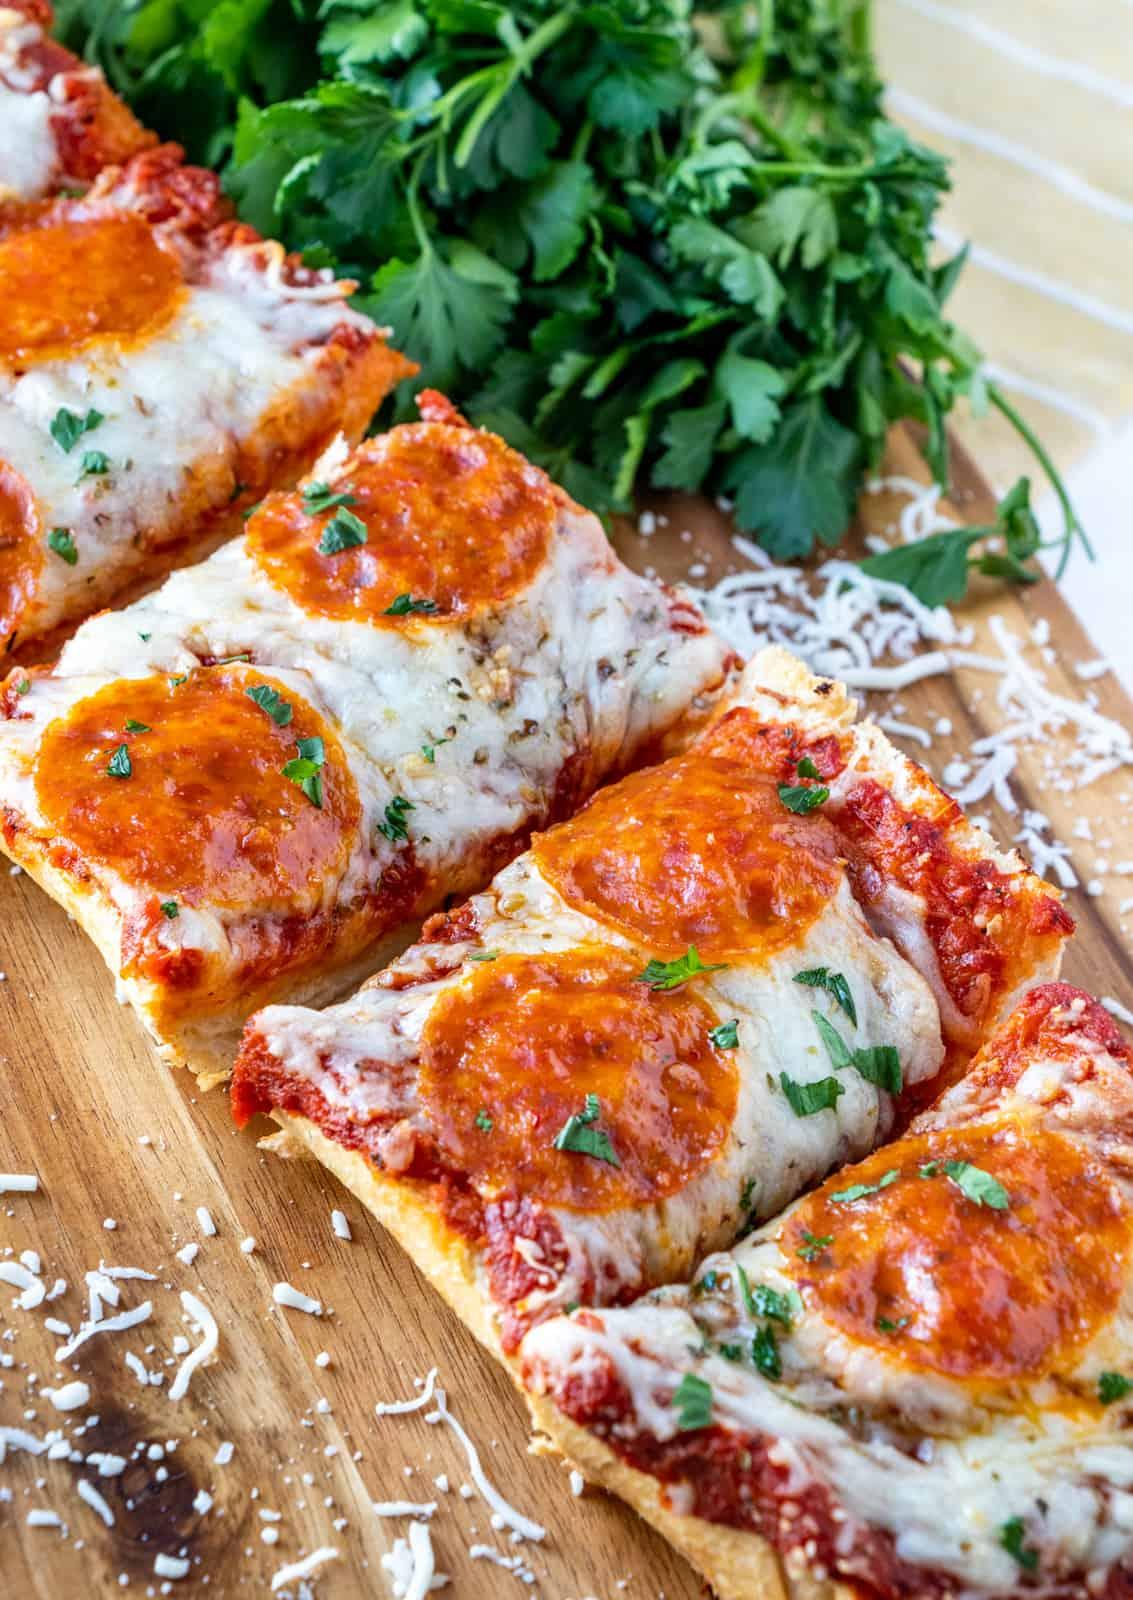 Rebanadas de pizza de pan francés en tabla de cortar con queso rallado y perejil